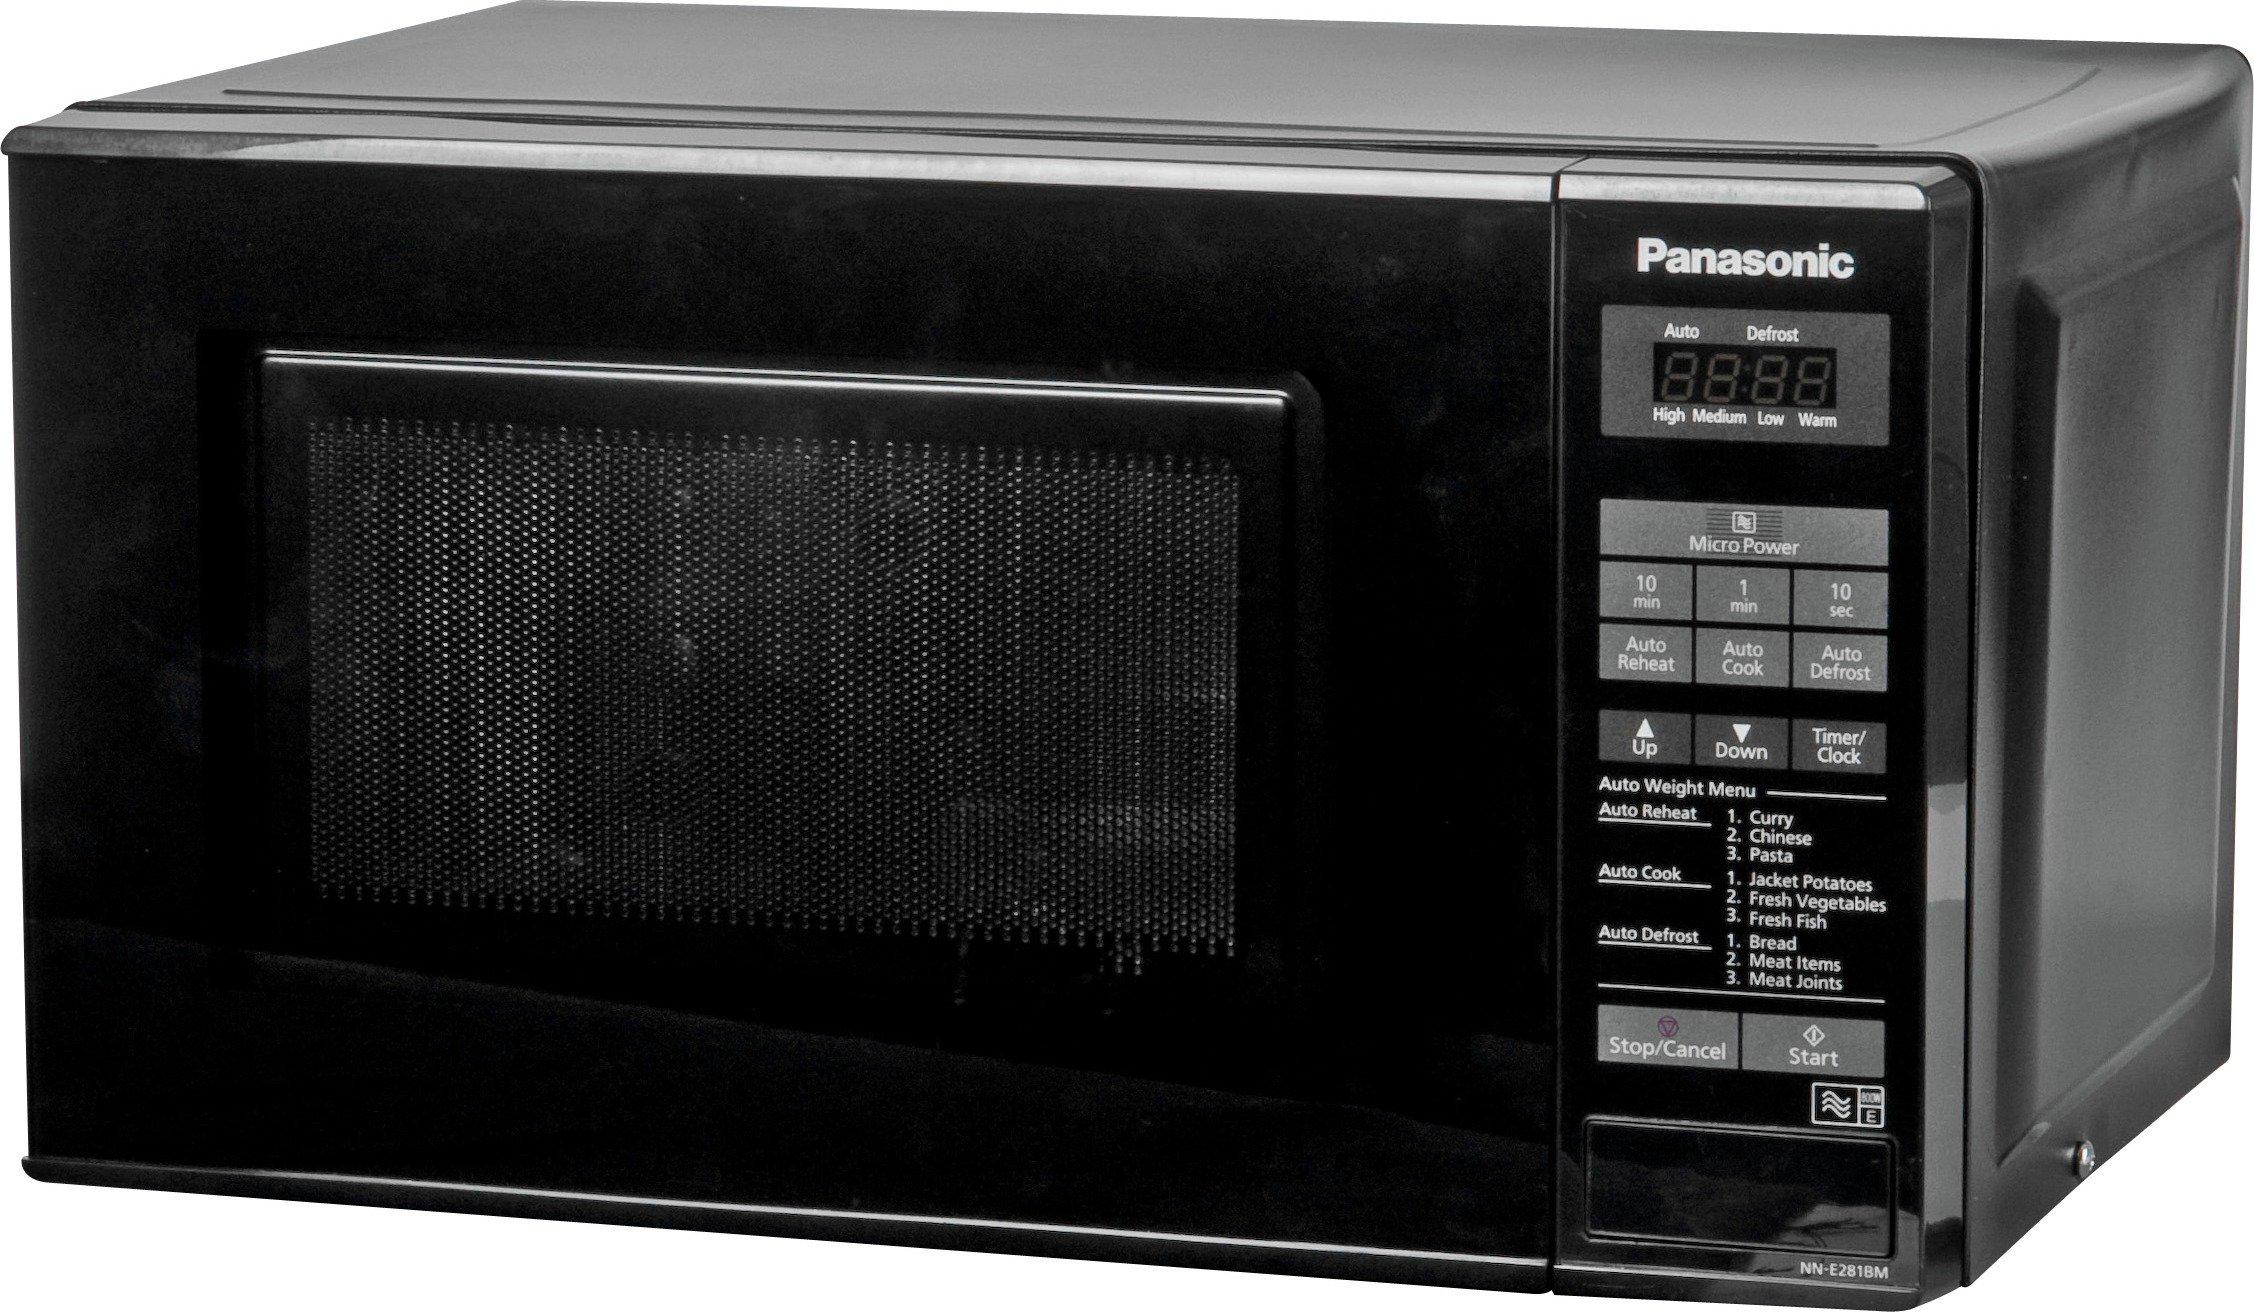 Panasonic Microwave Inverter Slimline Combi Panasonic